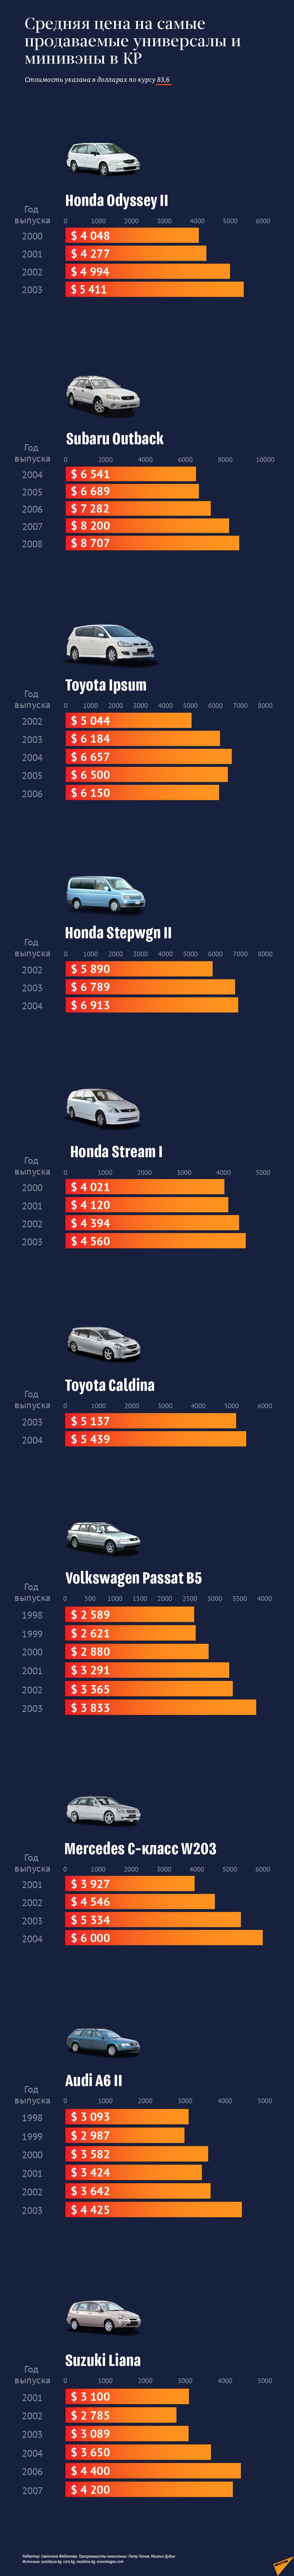 Средняя цена на самые продаваемые универсалы в КР